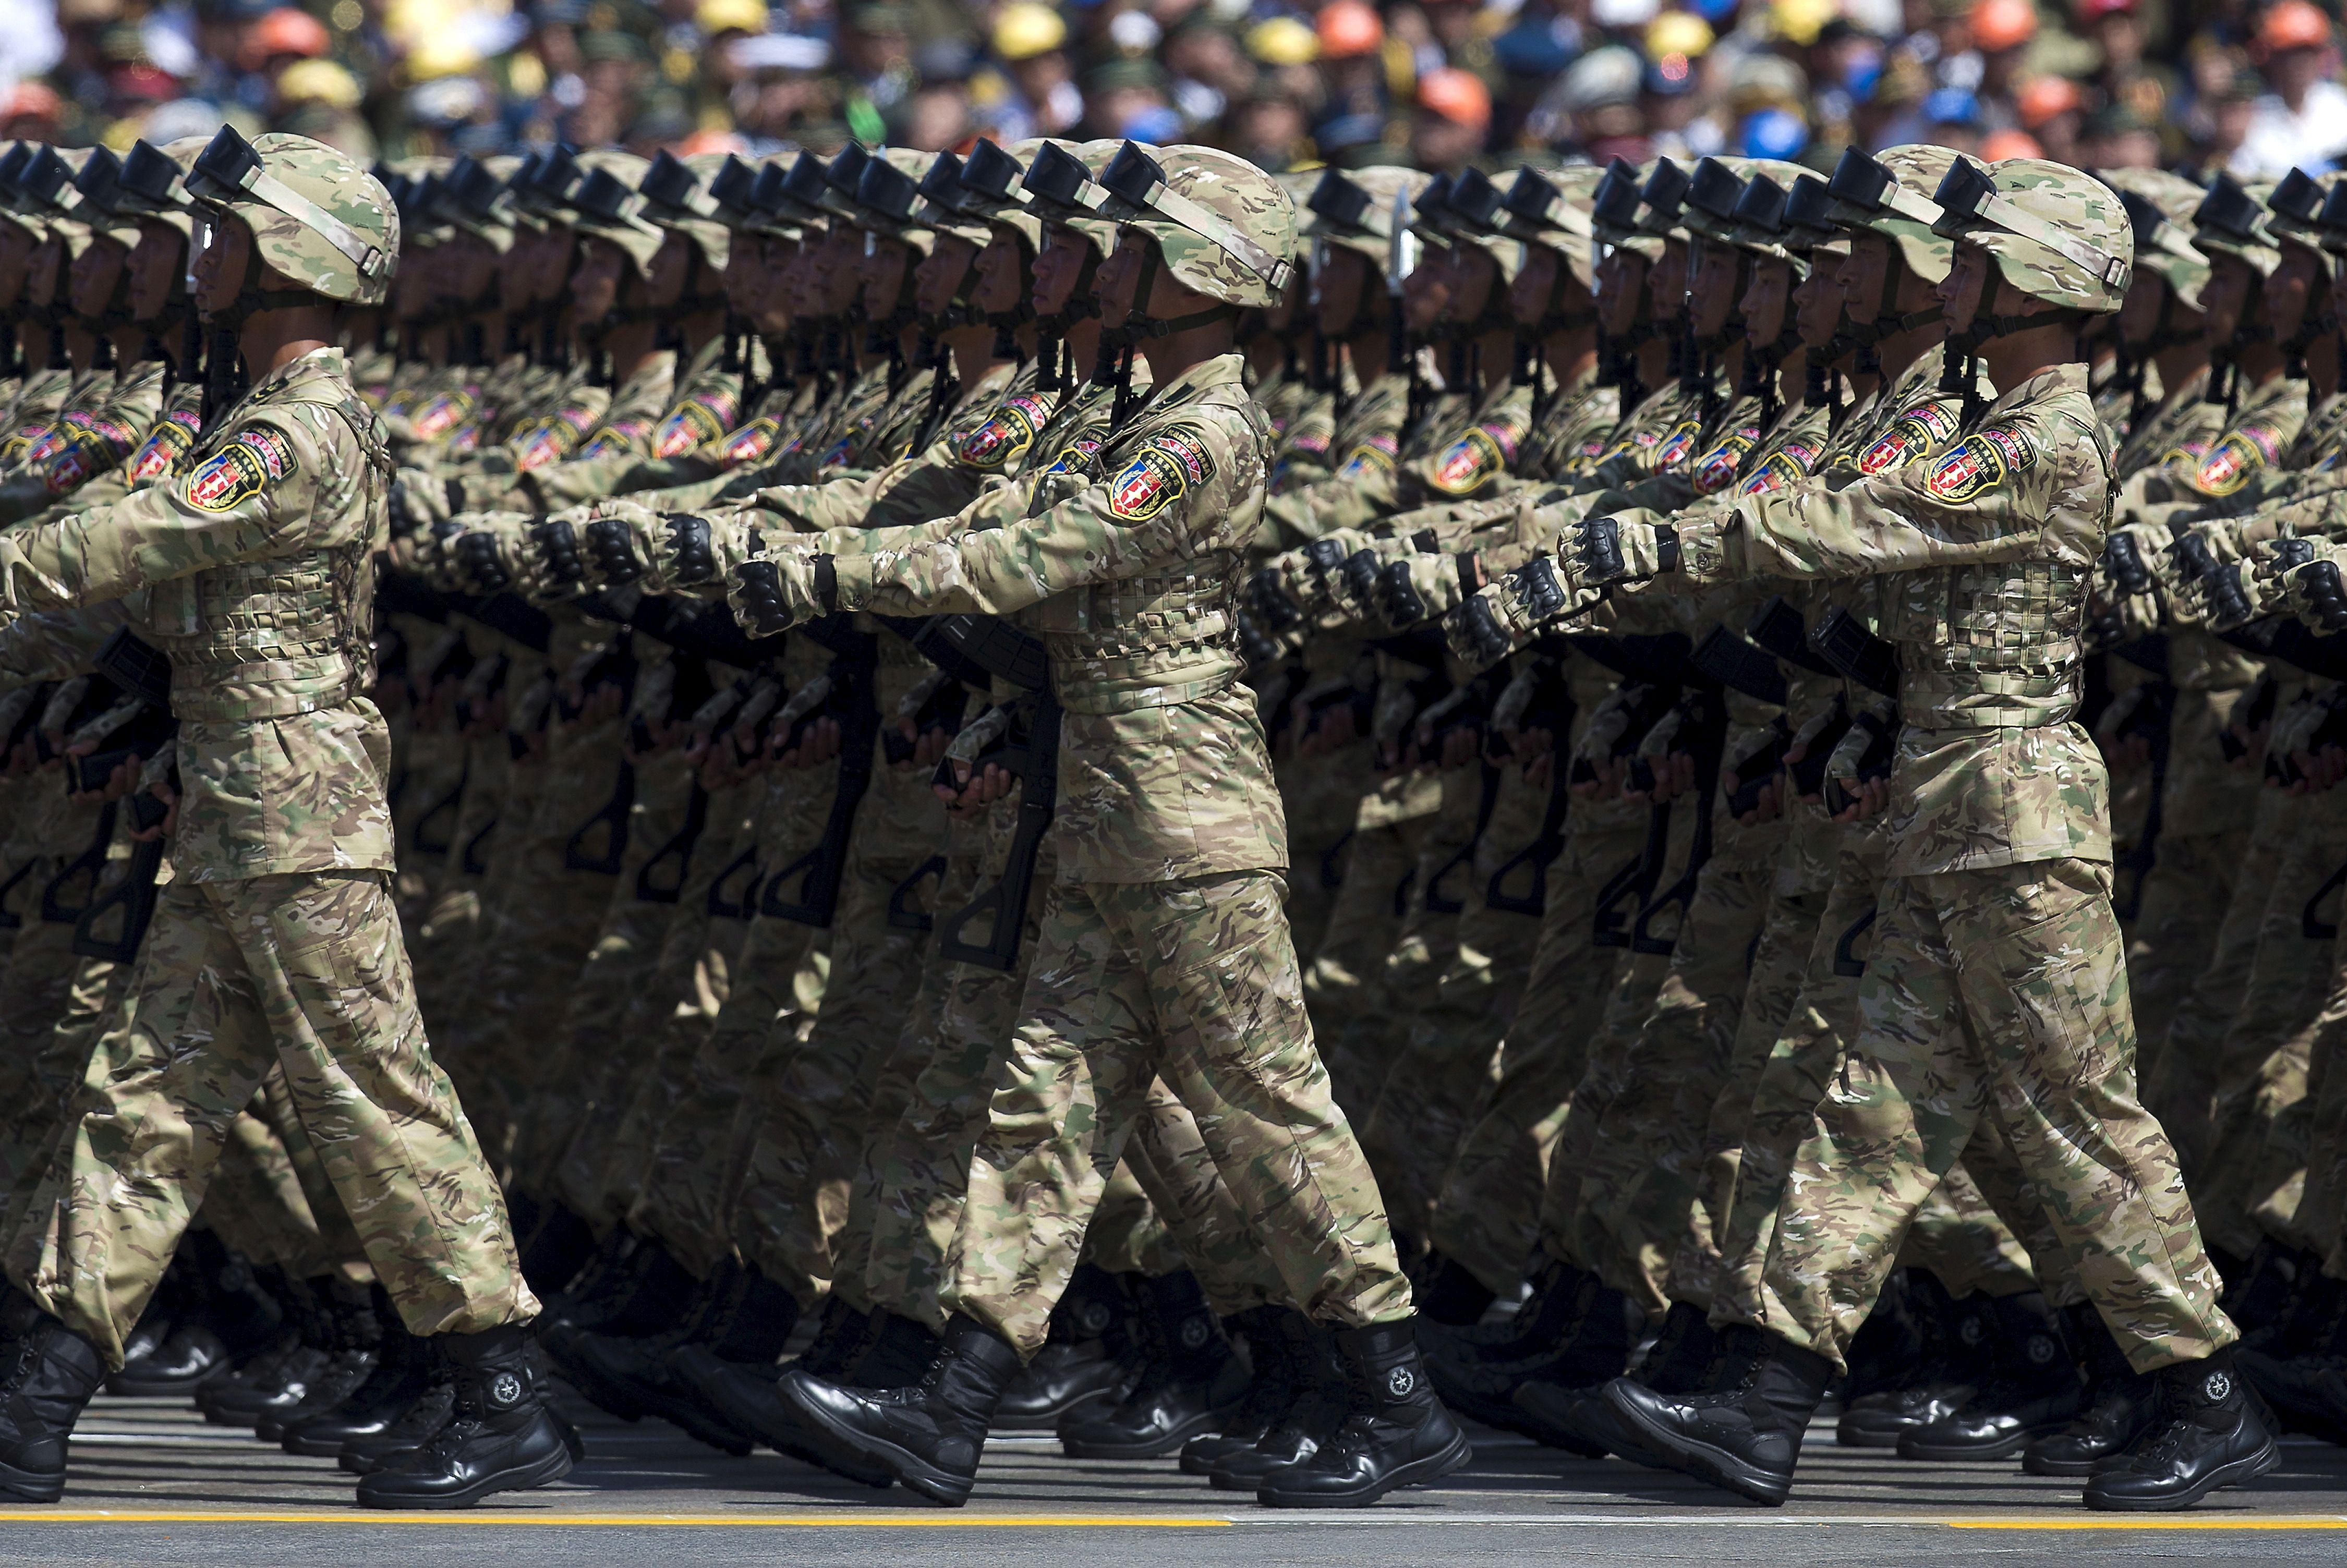 Golfe d'Aden : cette très discrète intervention chinoise dans le golfe d'Aden qui en dit long sur les ambitions de Pékin